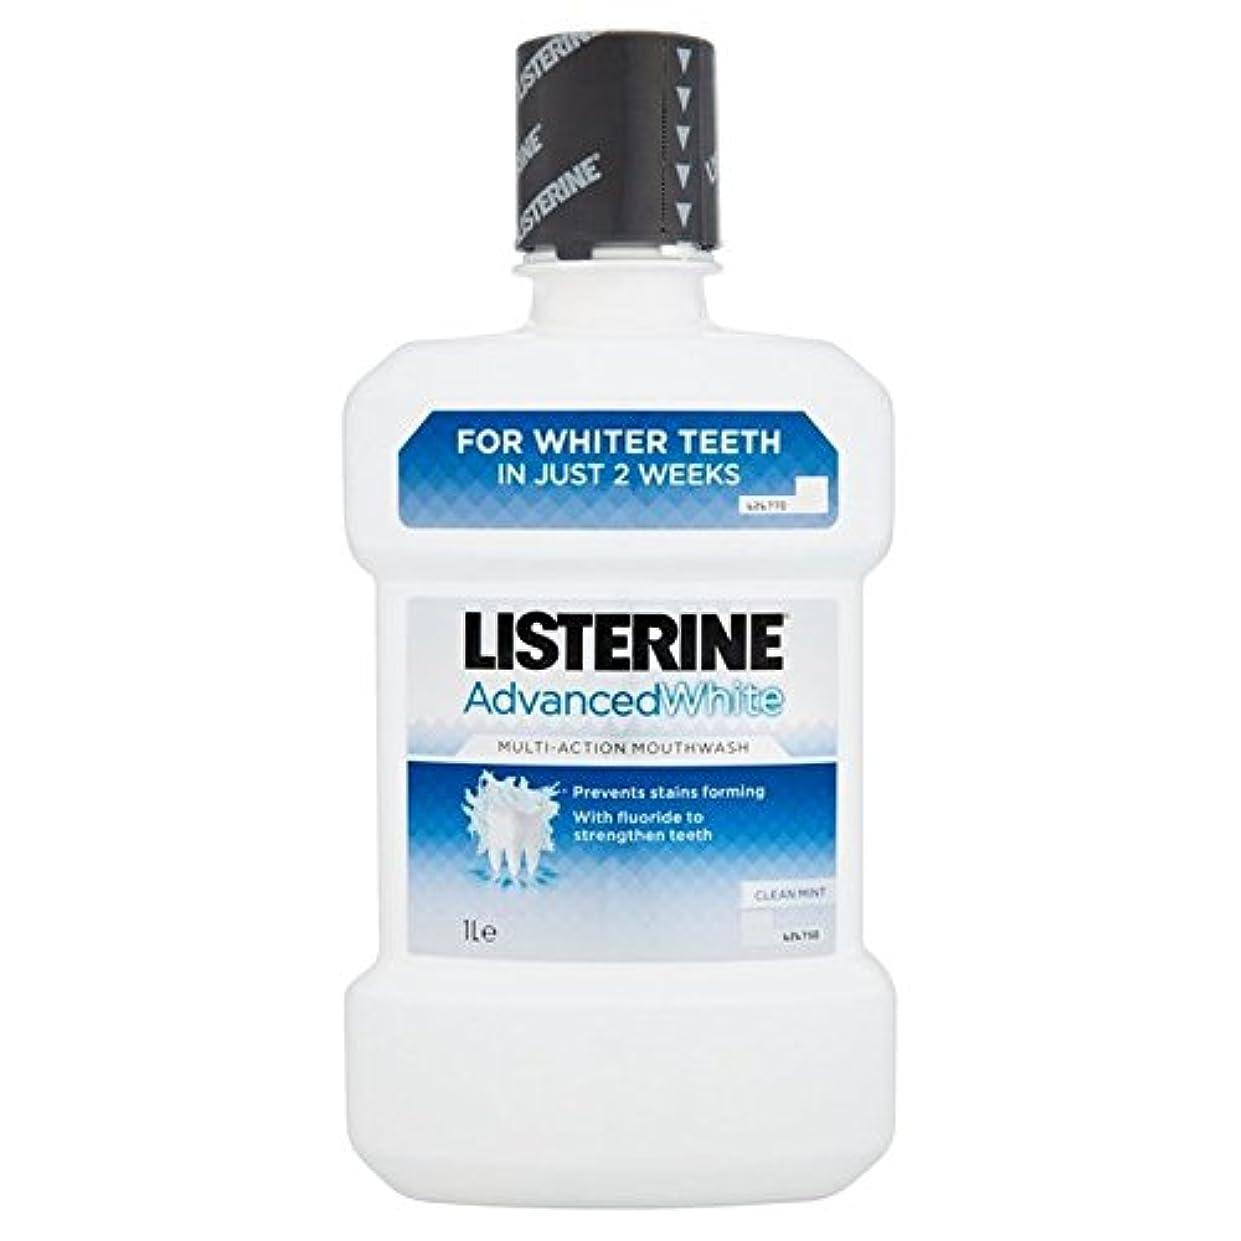 ステップ腸縫うListerine Advanced Whitening Mouthwash 1L (Pack of 6) - リステリンは、マウスウォッシュの1リットルをホワイトニング高度 x6 [並行輸入品]